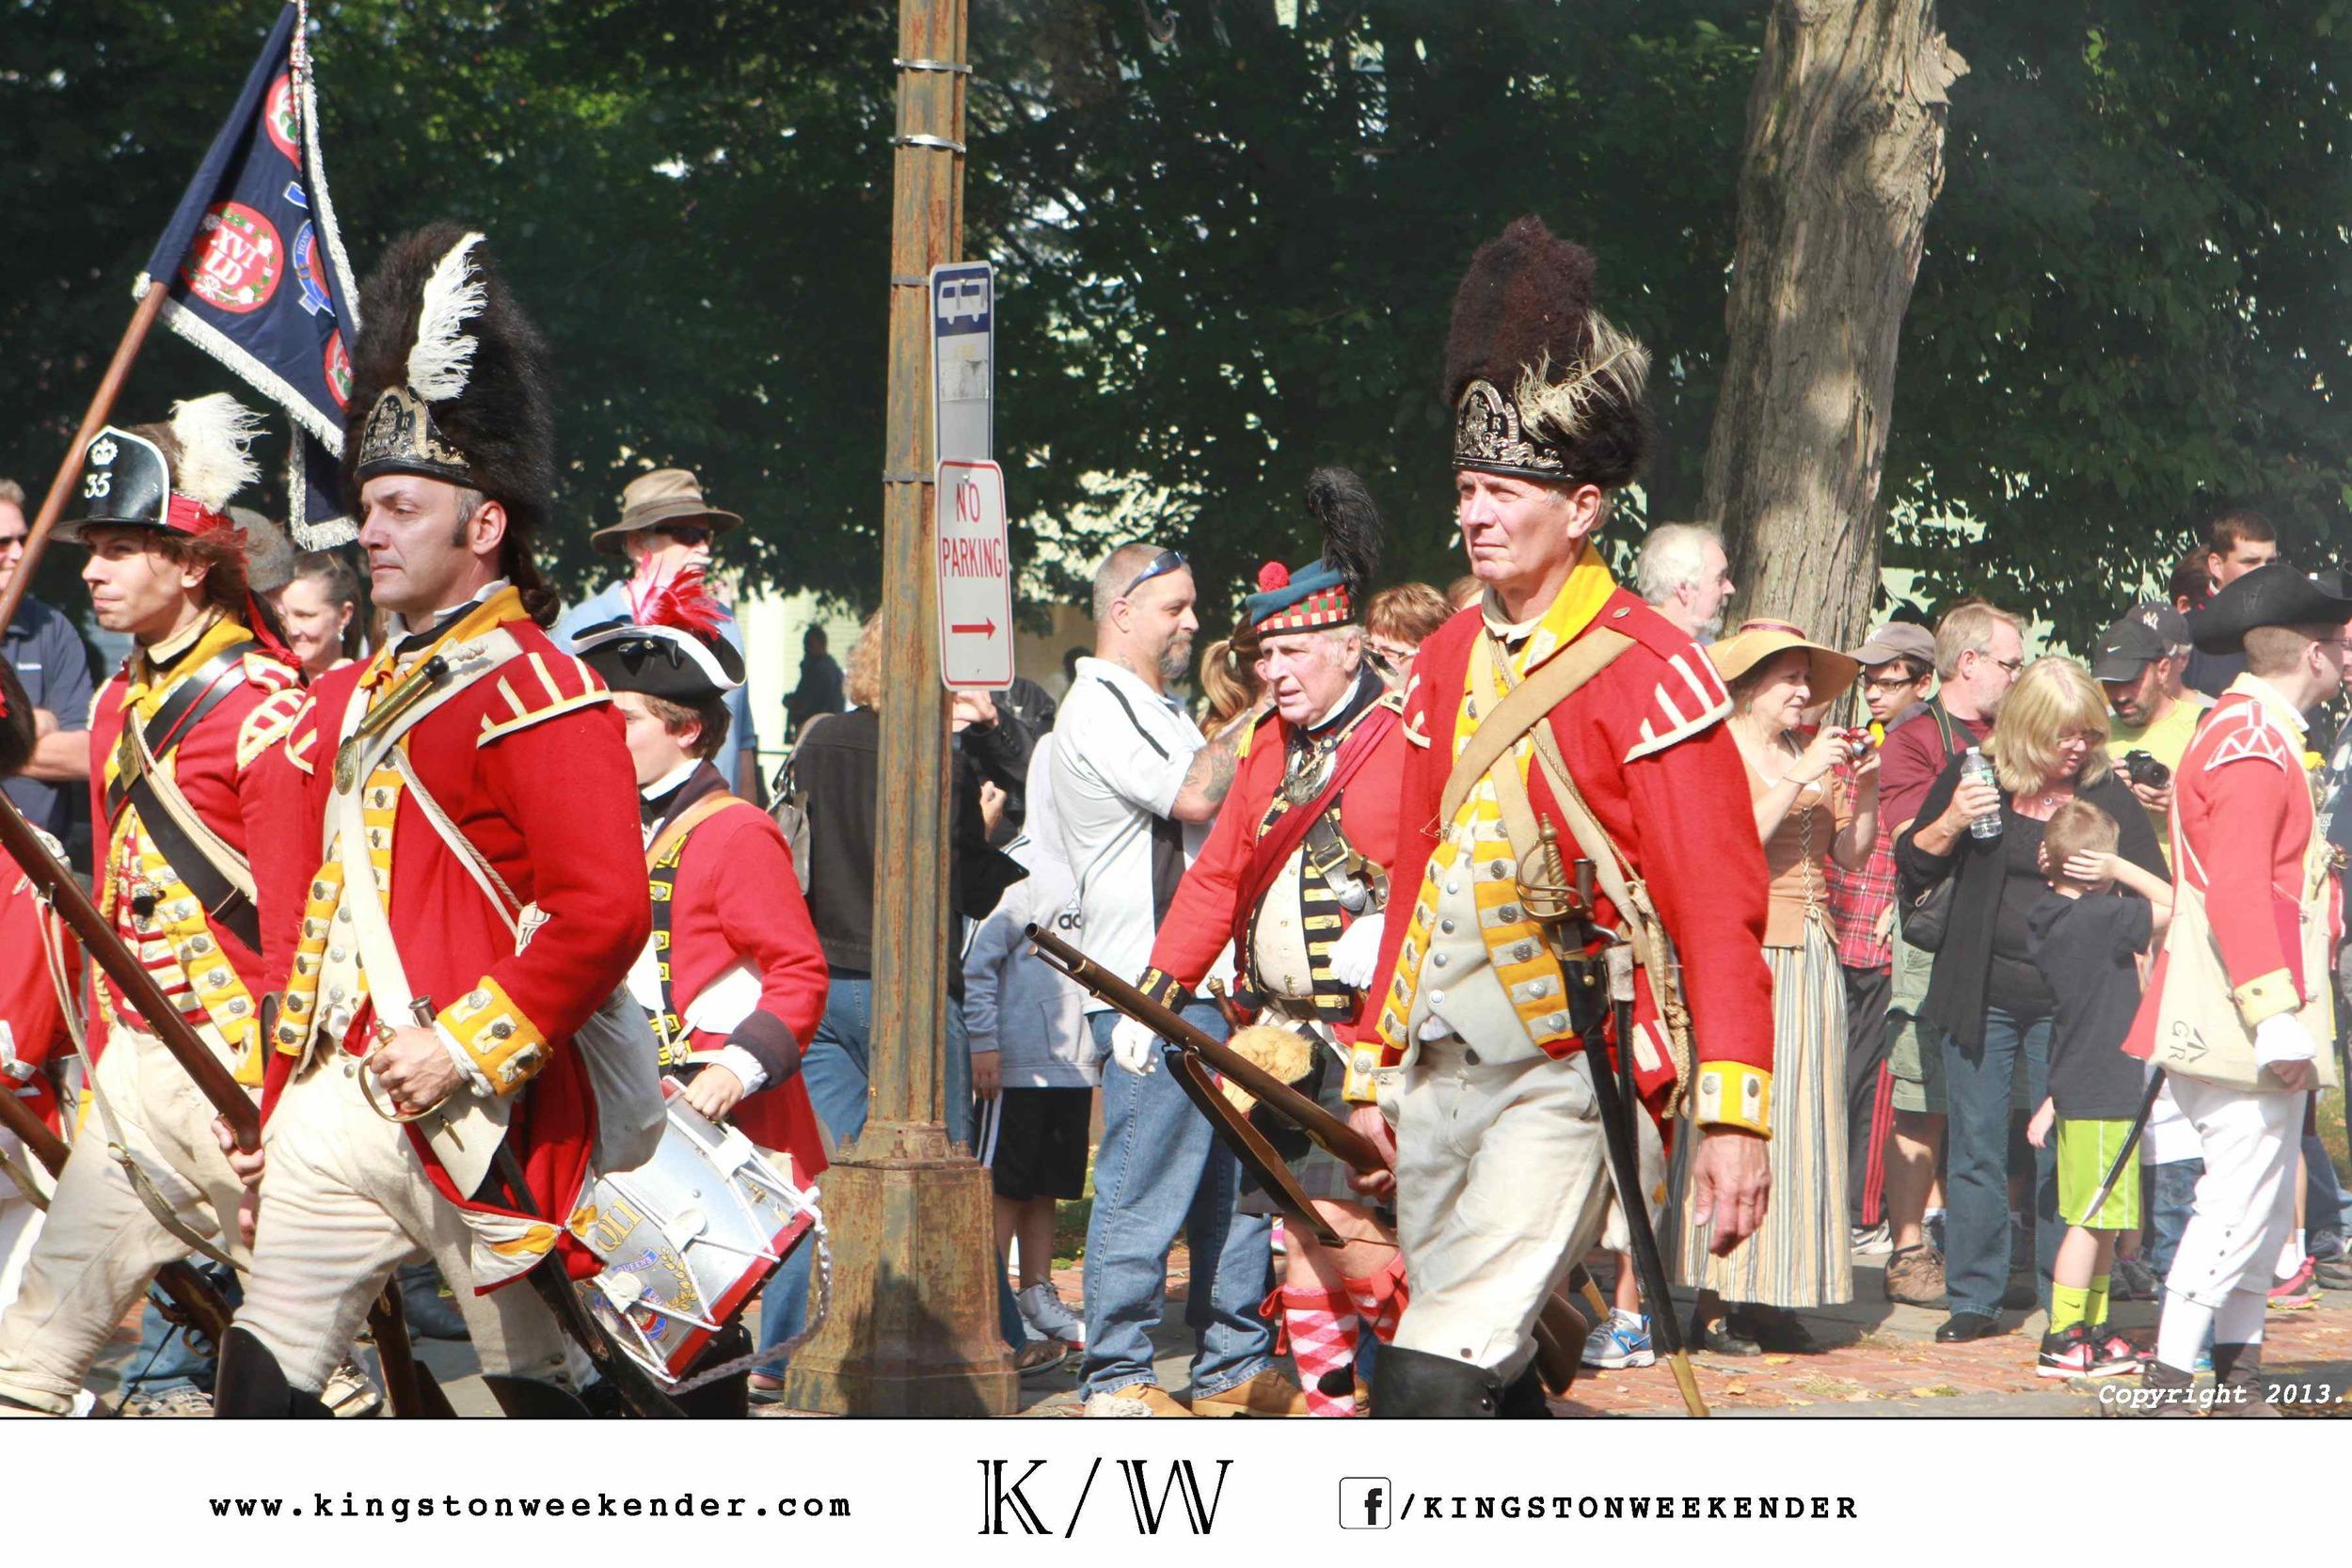 kingston-weekender-photo-credits25.jpg